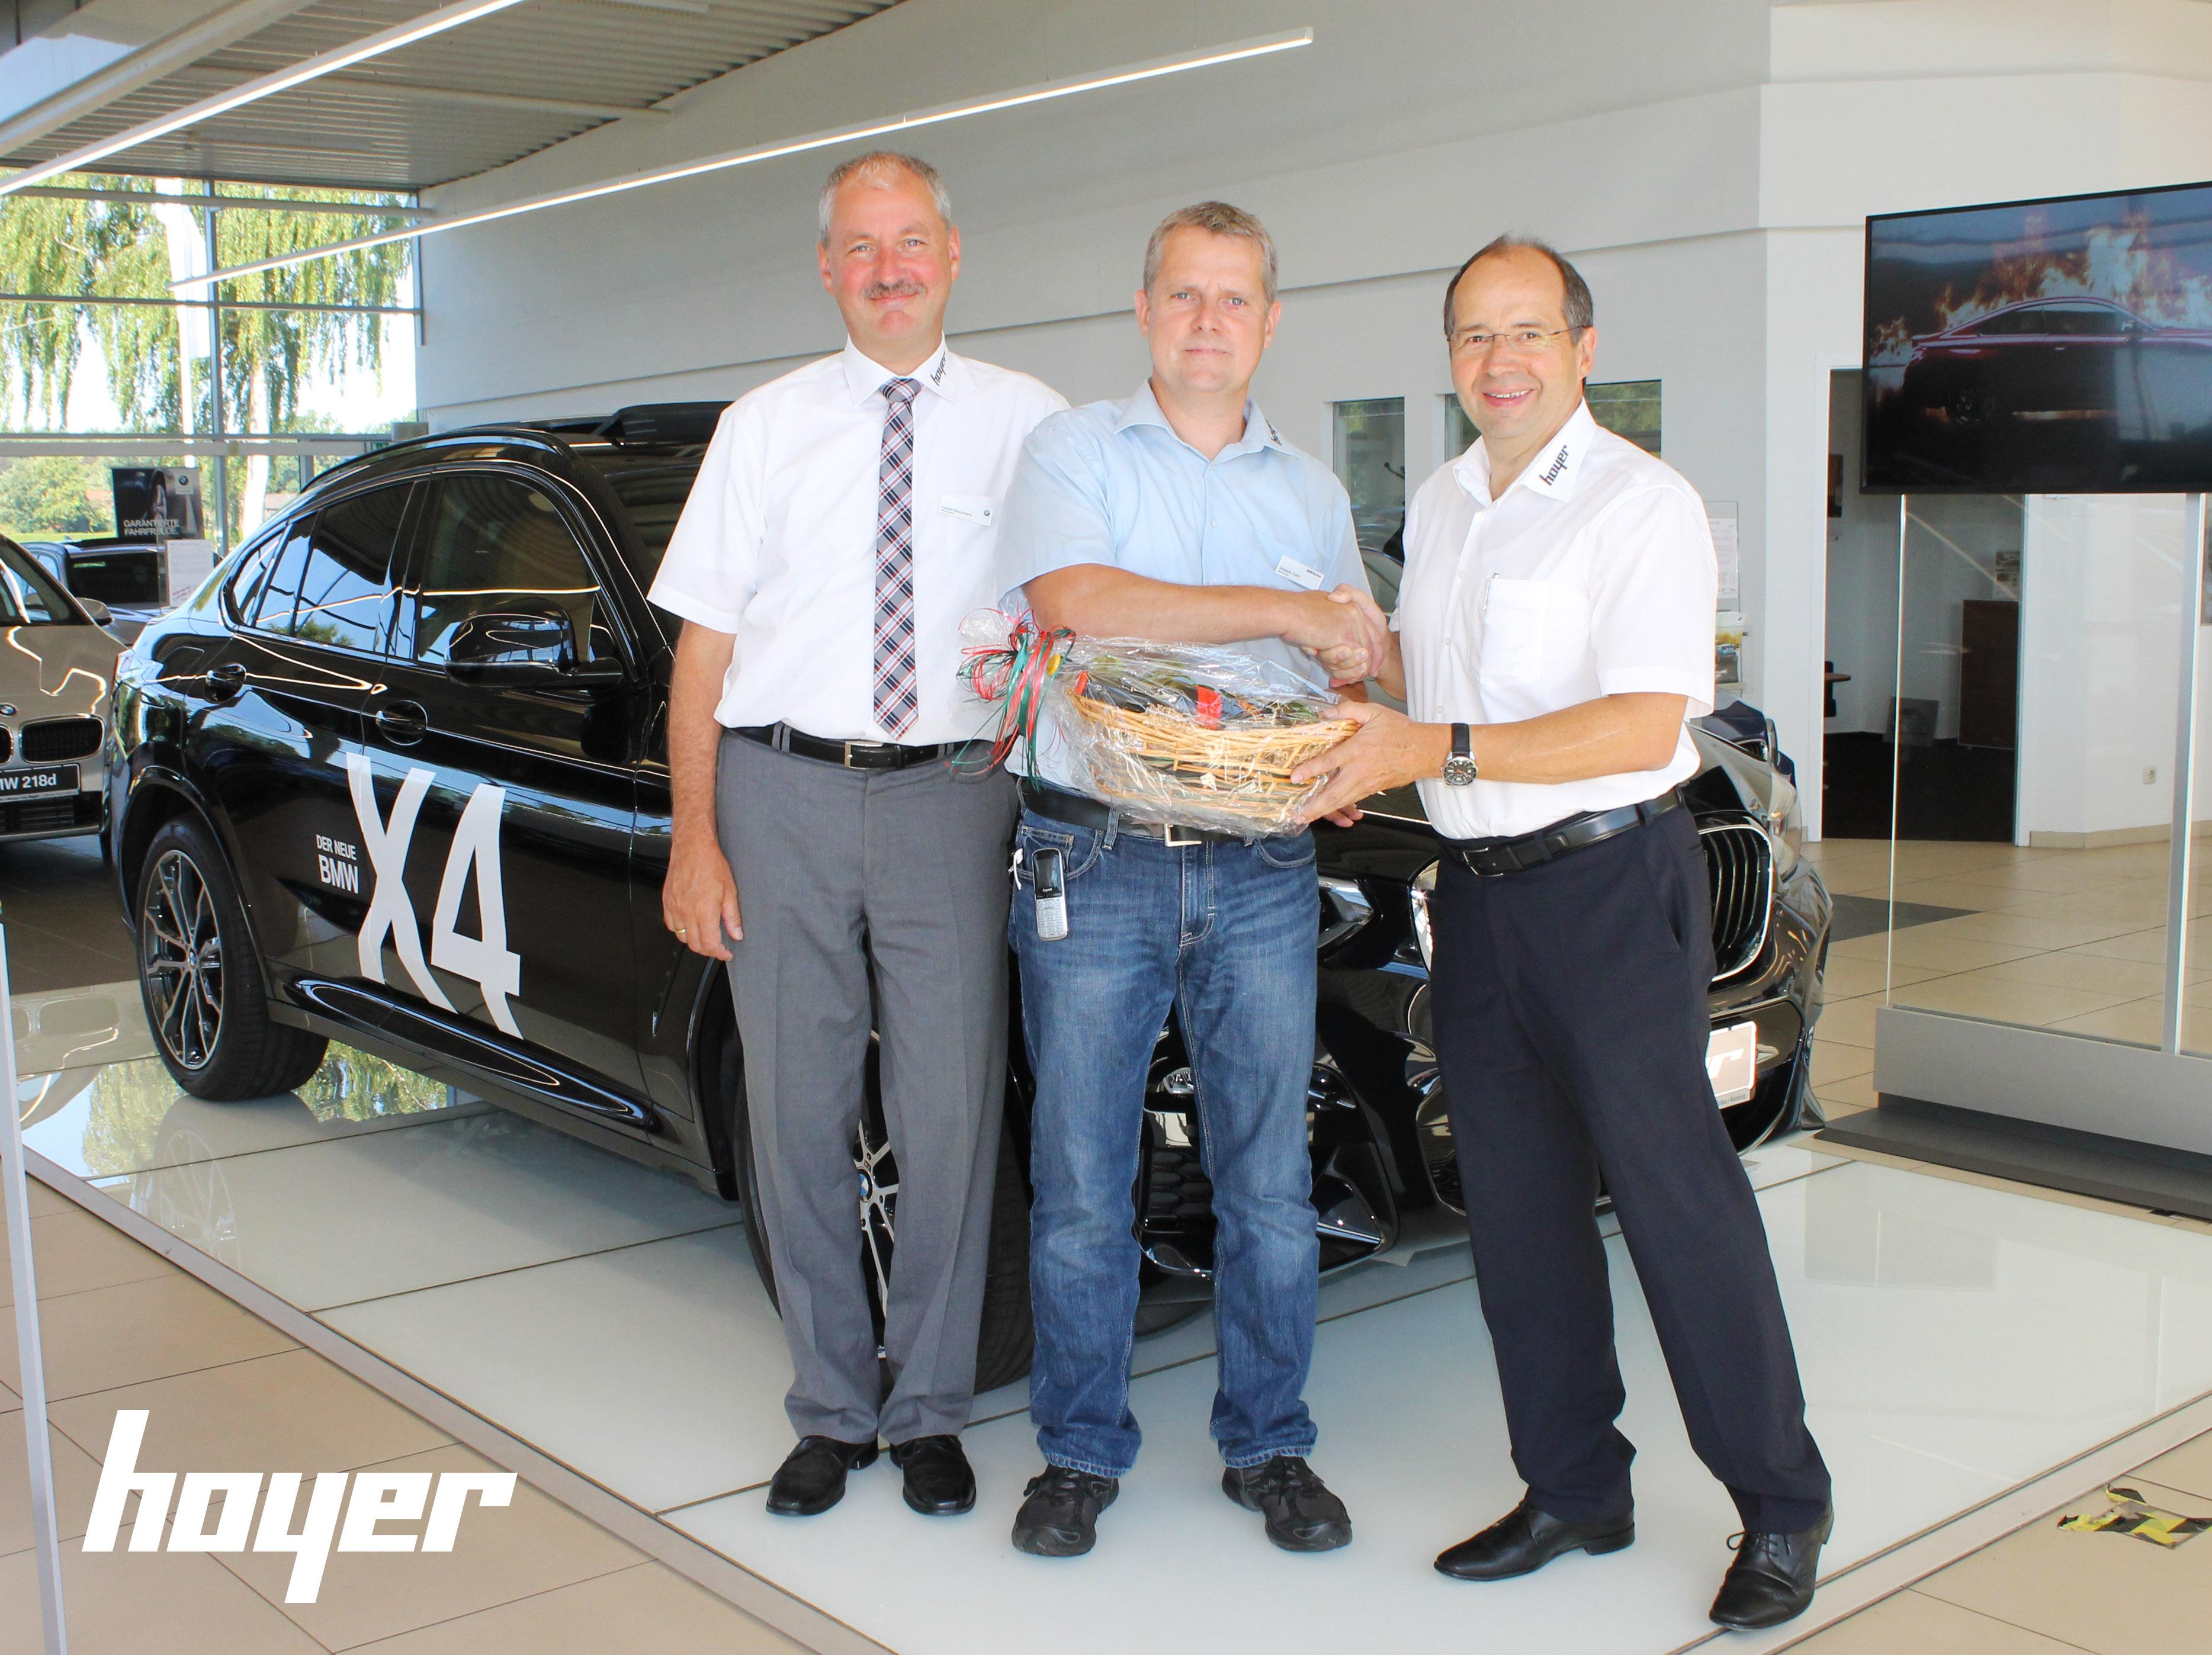 Alexander Frahm hat die Prüfung zum zertifizierten BMW Serviceleiter erfolgreich bestanden.